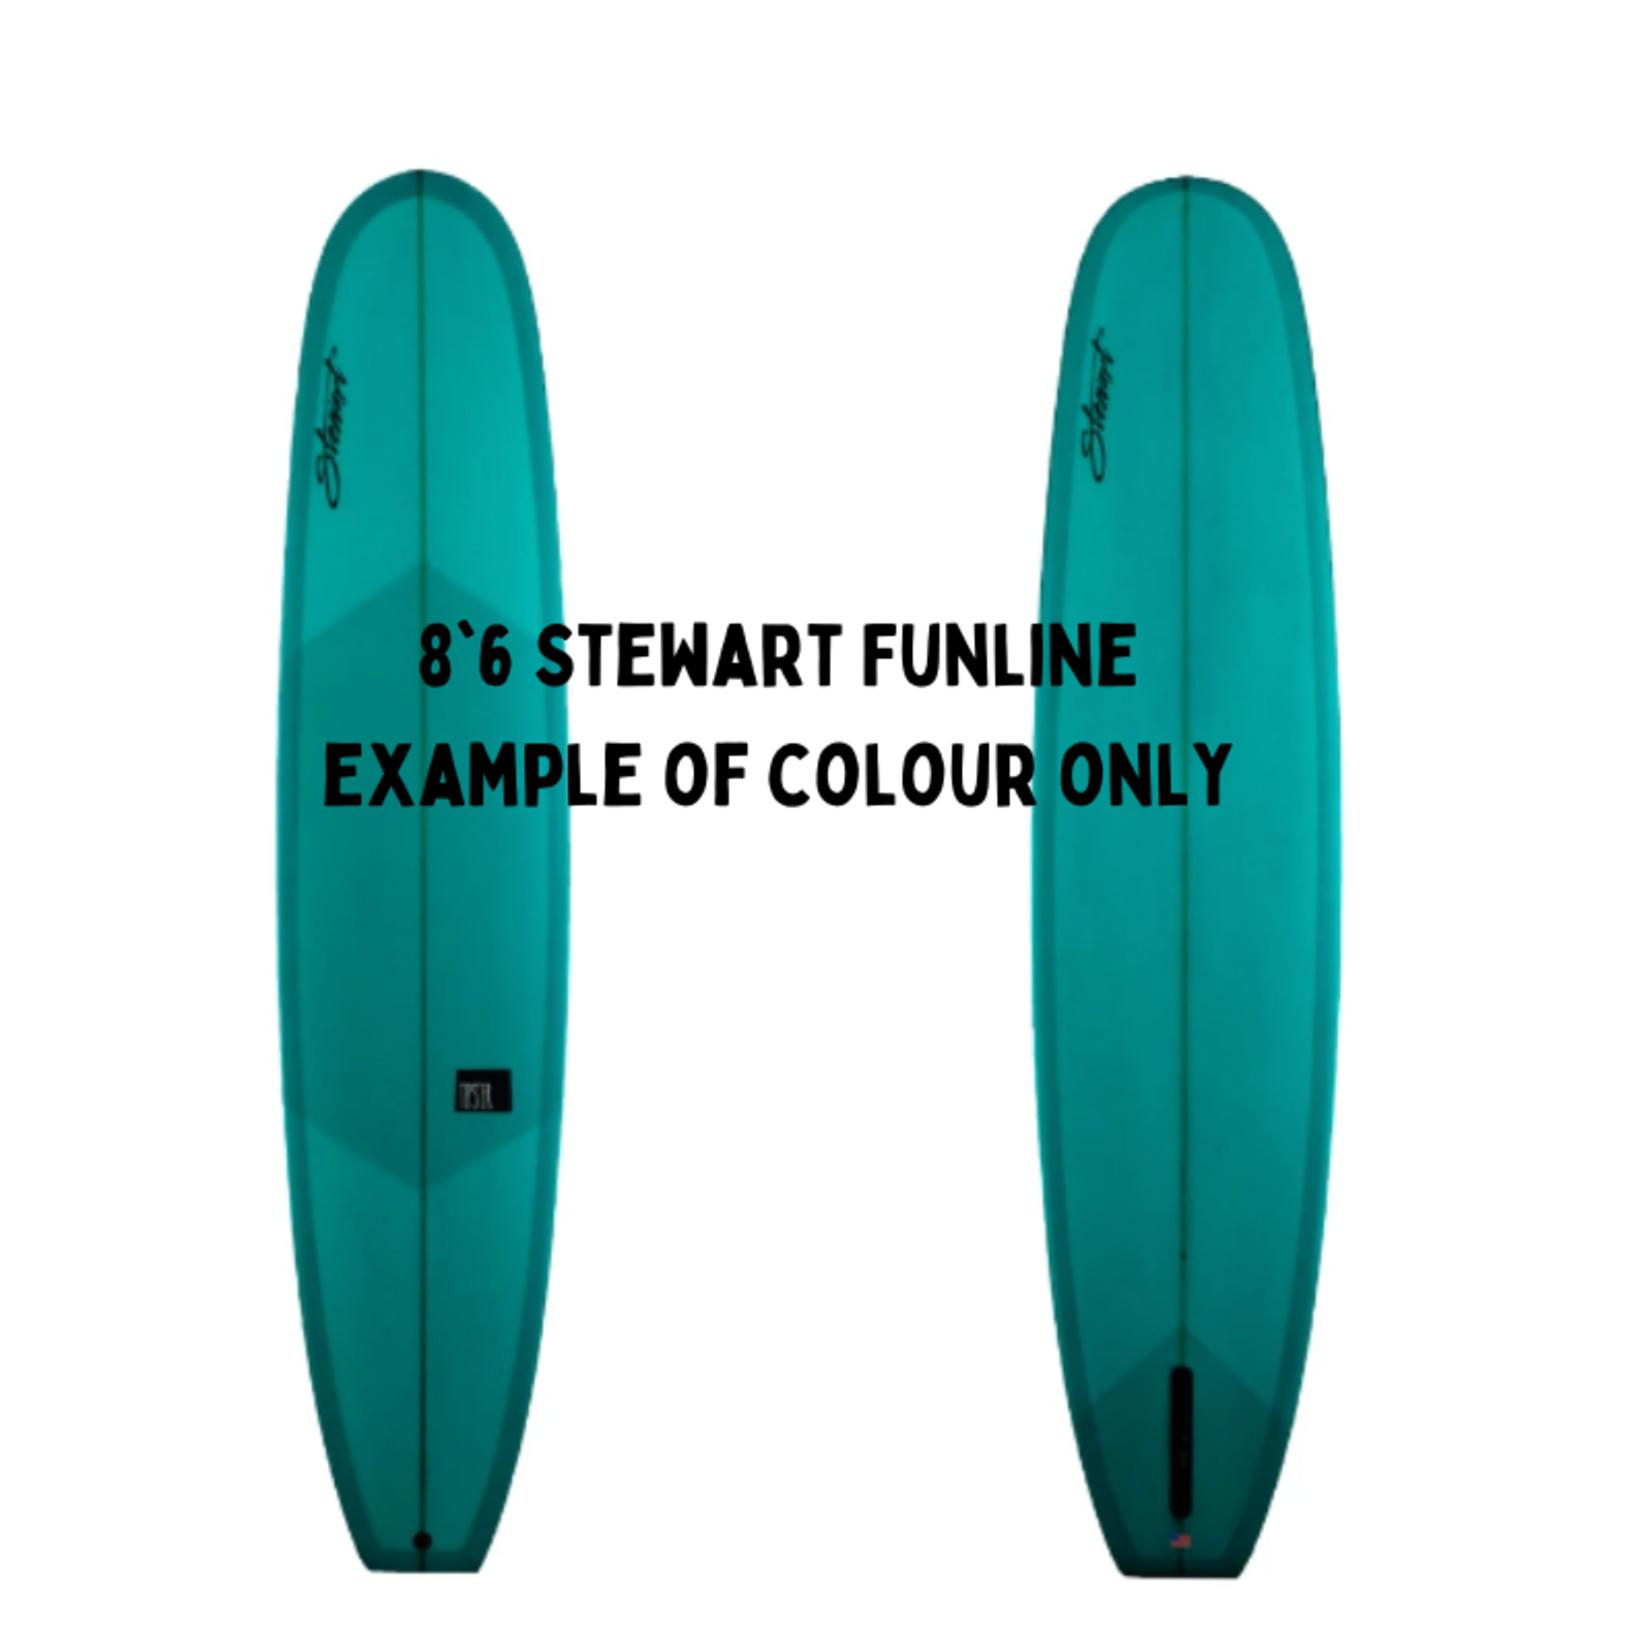 Stewart Surfboards Prebook Stewart Funline 8'6 *DEPOSIT ONLY